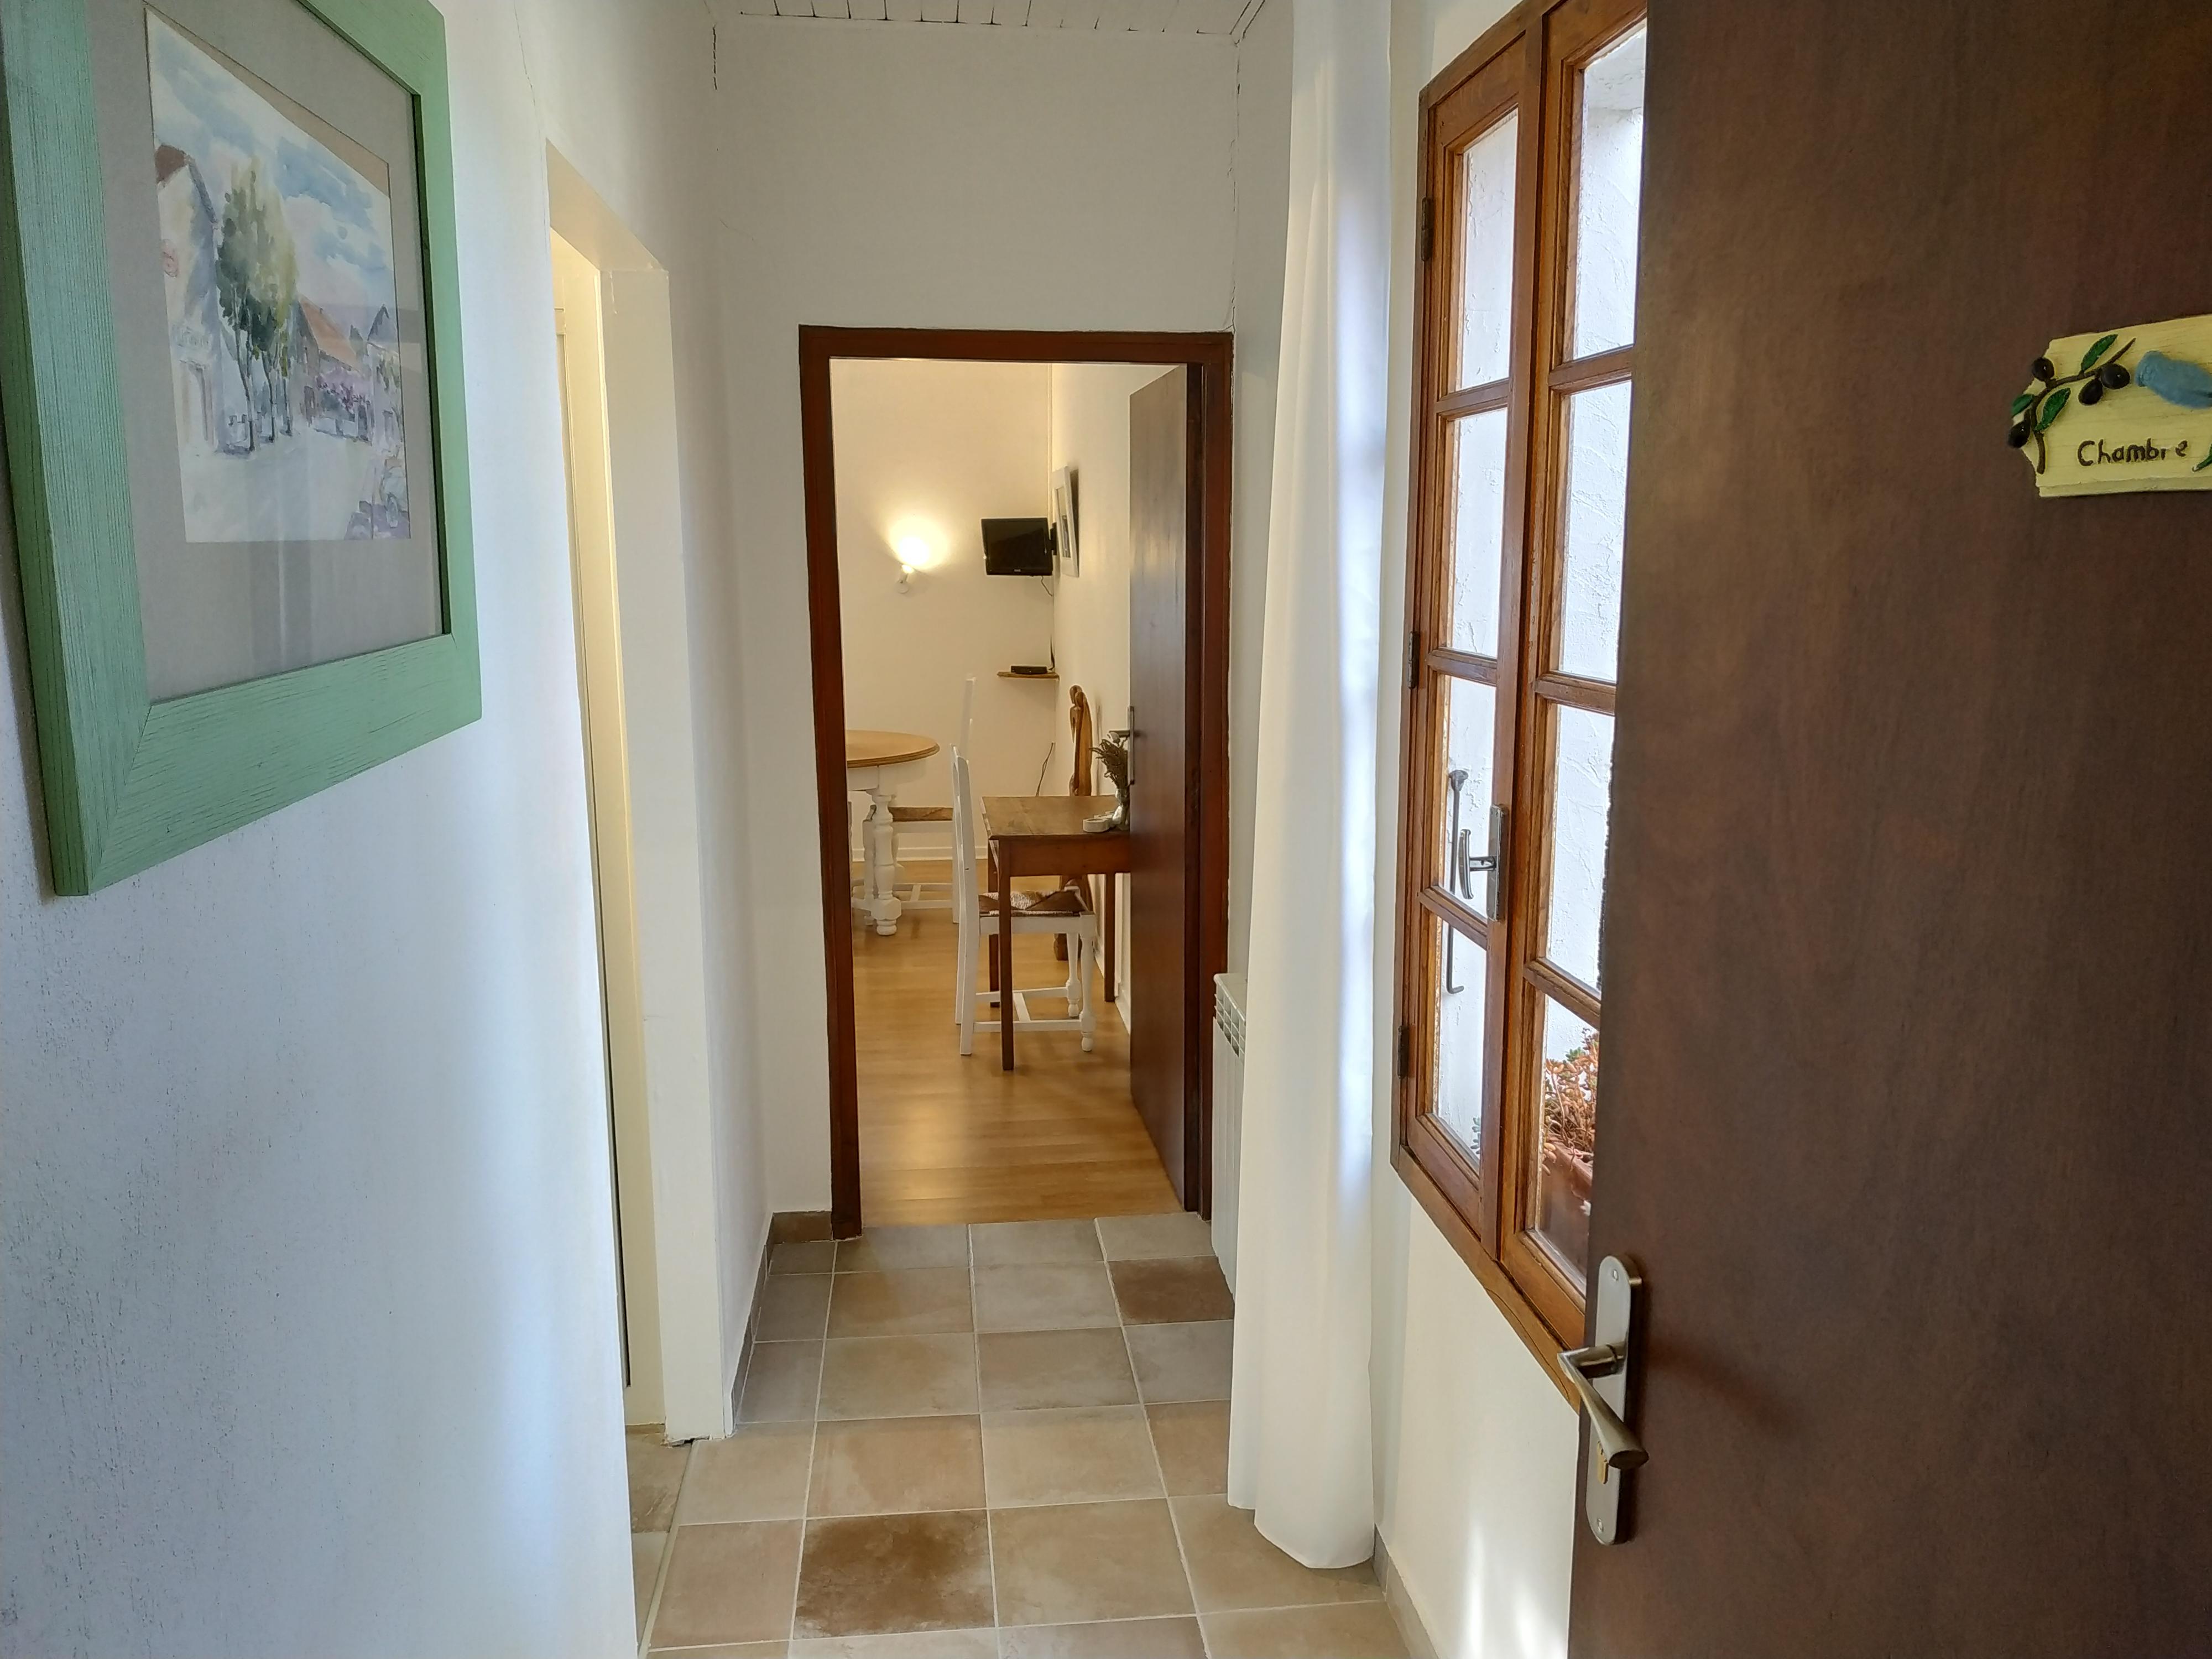 Corridor / Appartement